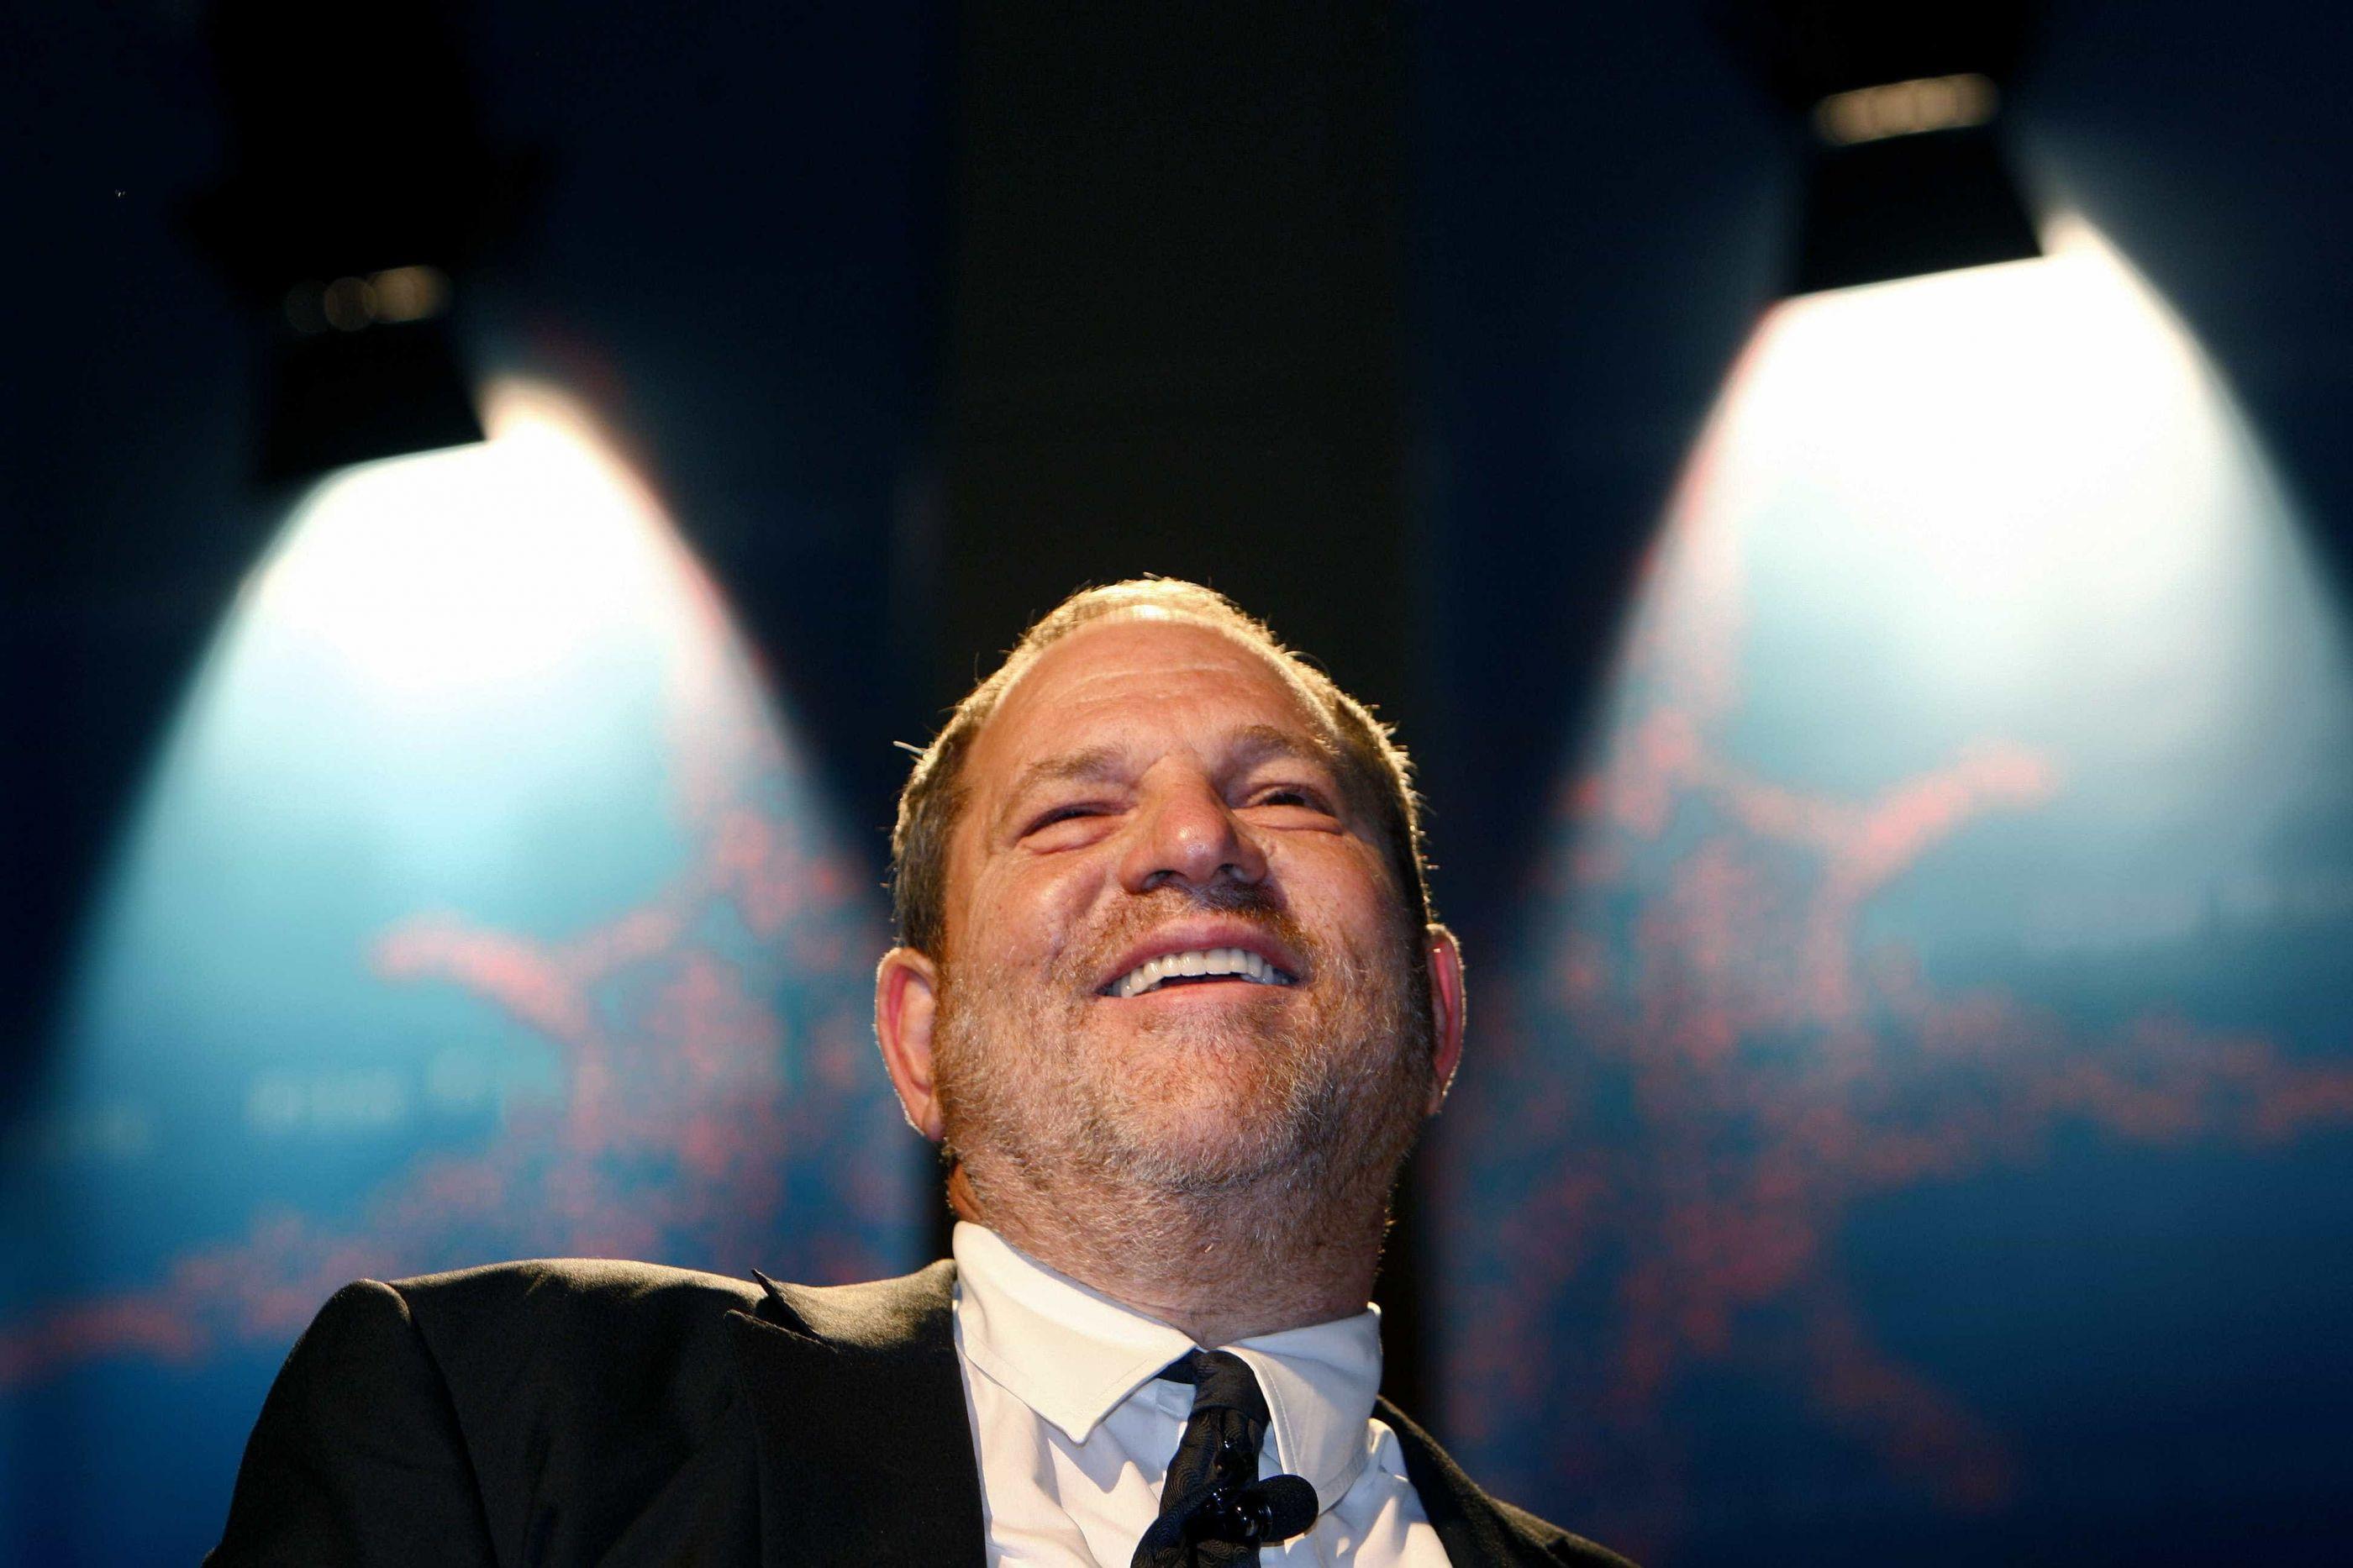 Justiça anula uma das acusações contra o produtor Harvey Weinstein